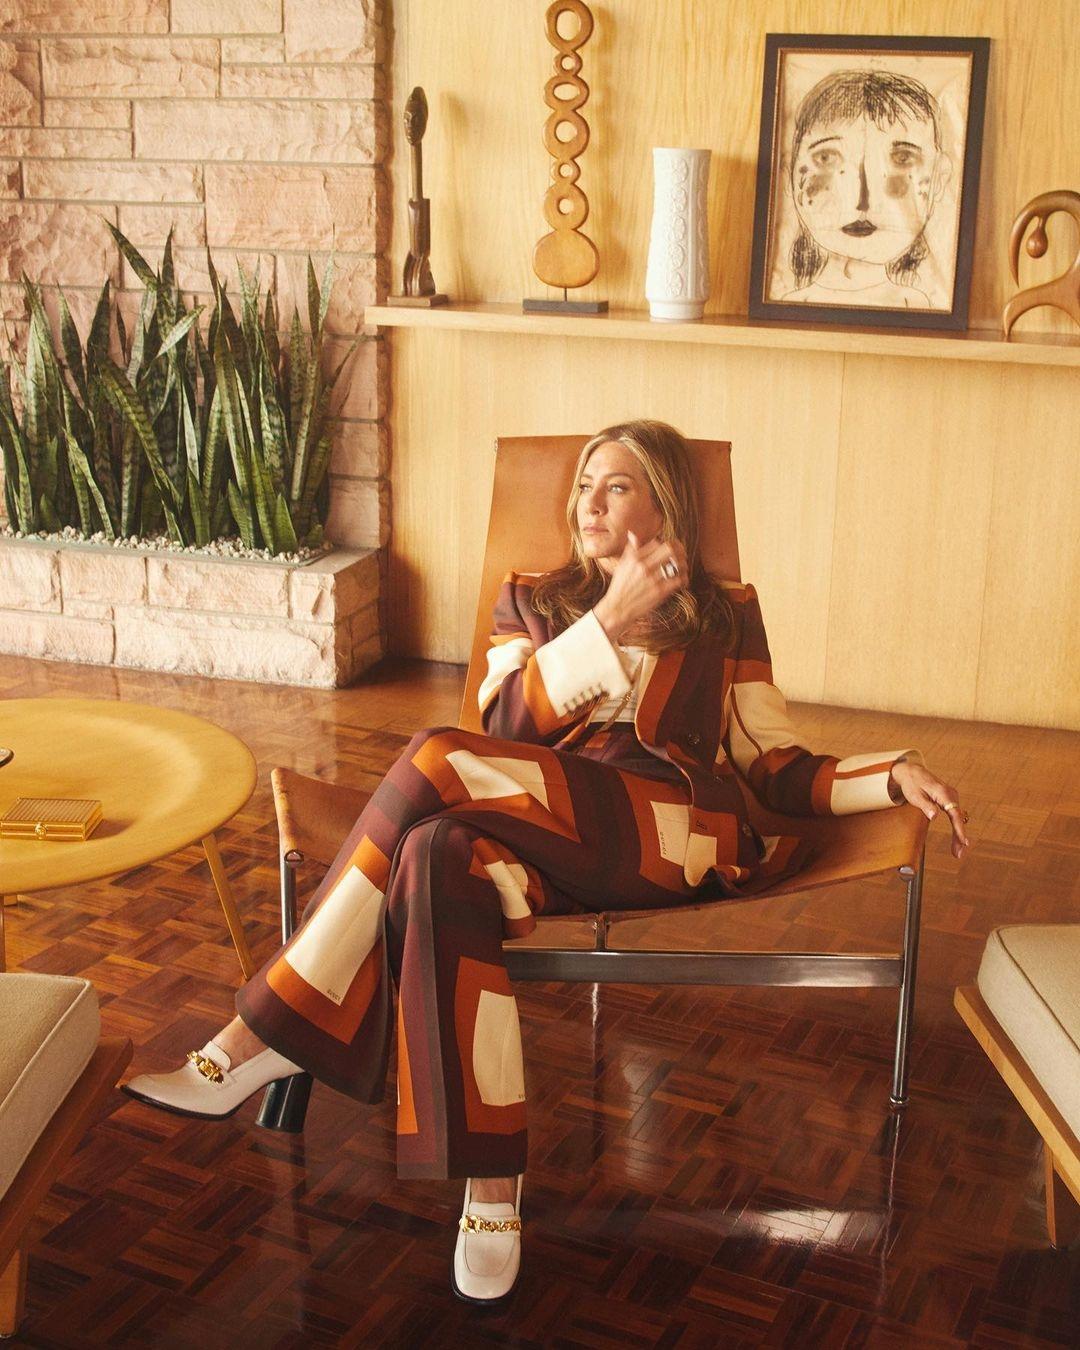 Неувядающая красота: Дженнифер Энистон покорила поклонников новой съемкой для глянца (ФОТО) - фото №6